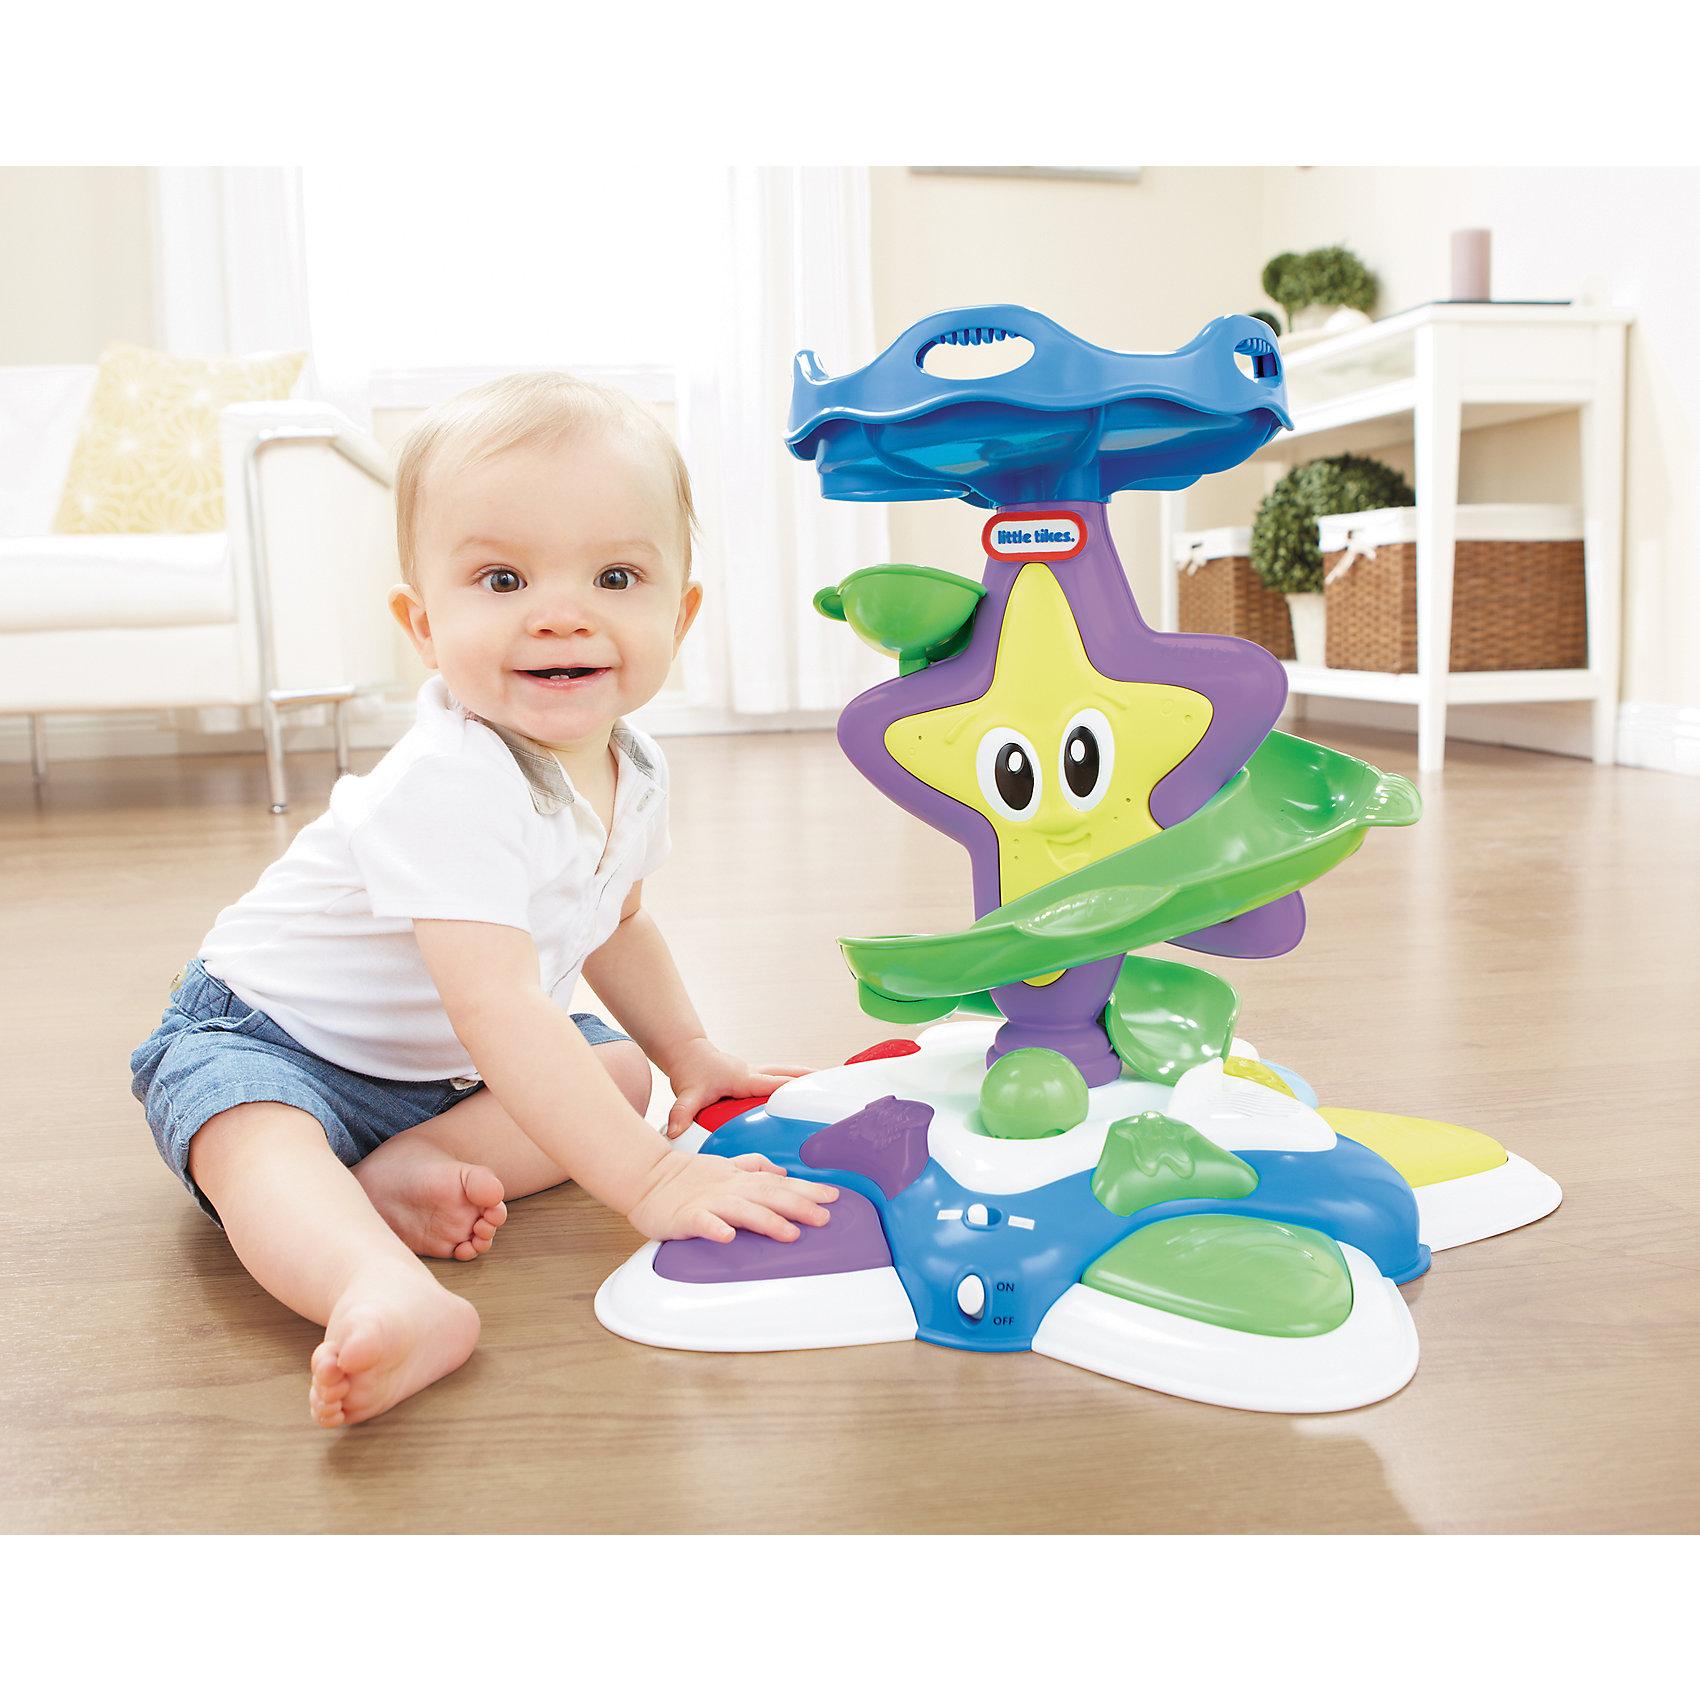 Развивающая игрушка Морская звезда с горкой-спиралью, со звуком и светом, Little TikesРазвивающая игрушка для малышей Морская Звезда от Little Tikes поможет малышам развить такие навыки, как умение сидеть, стоять, ходить. Кроме того, она способствует развитию мелкой моторики, сенсорики и координации.<br>Играть с морской звездой действительно весело - игрушка издает звуковые эффекты, светятся огоньки, по горке можно скатывать шарики.<br>На основании игрушки расположено 5 разноцветных больших кнопочек, нажимая на них, загораются огоньки и начинает играть мелодия - разная для каждой кнопочки. Малыш сможет ползать вокруг морской звезды вслед за огоньками.<br>Для детей, которые учатся стоять самостоятельно, есть еще один режим игры. Малыш сможет держаться за верхнее основание игрушки, и скатывать разноцветные шарики по спиральной горке, ловя их снизу. Всего в комплекте 4 разноцветных шарика. Когда они скатываются по горке, раздает звуковой эффект - веселый детский смех.<br><br>Дополнительная информация:<br><br>- Материал: пластик.<br>- Размер: 46х14х33 см.<br>- Элемент питания: 3 АА батарейки (не входят в комплект).<br>- Звуковые и световые эффекты. <br><br>Развивающую игрушку Морскую звезду с горкой-спиралью, со звуком и светом, Little Tikes, можно купить в нашем магазине.<br><br>Ширина мм: 460<br>Глубина мм: 330<br>Высота мм: 140<br>Вес г: 2230<br>Возраст от месяцев: 12<br>Возраст до месяцев: 48<br>Пол: Унисекс<br>Возраст: Детский<br>SKU: 4278431